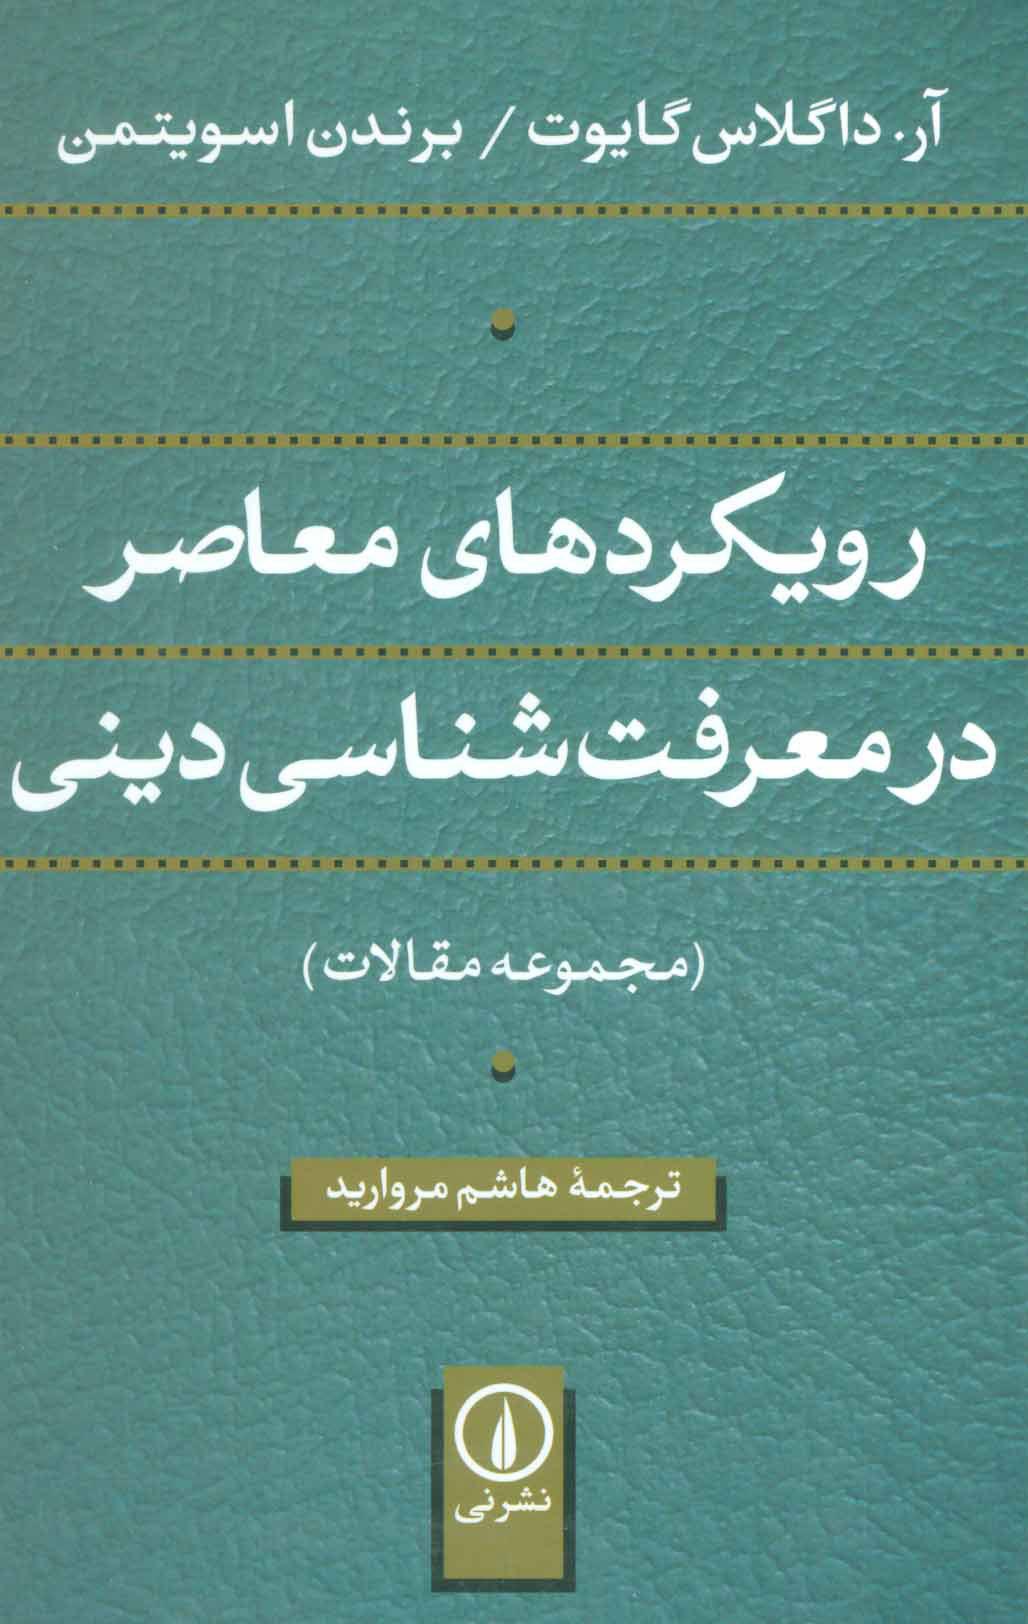 کتاب رویکردهای معاصر در معرفت شناسی دینی